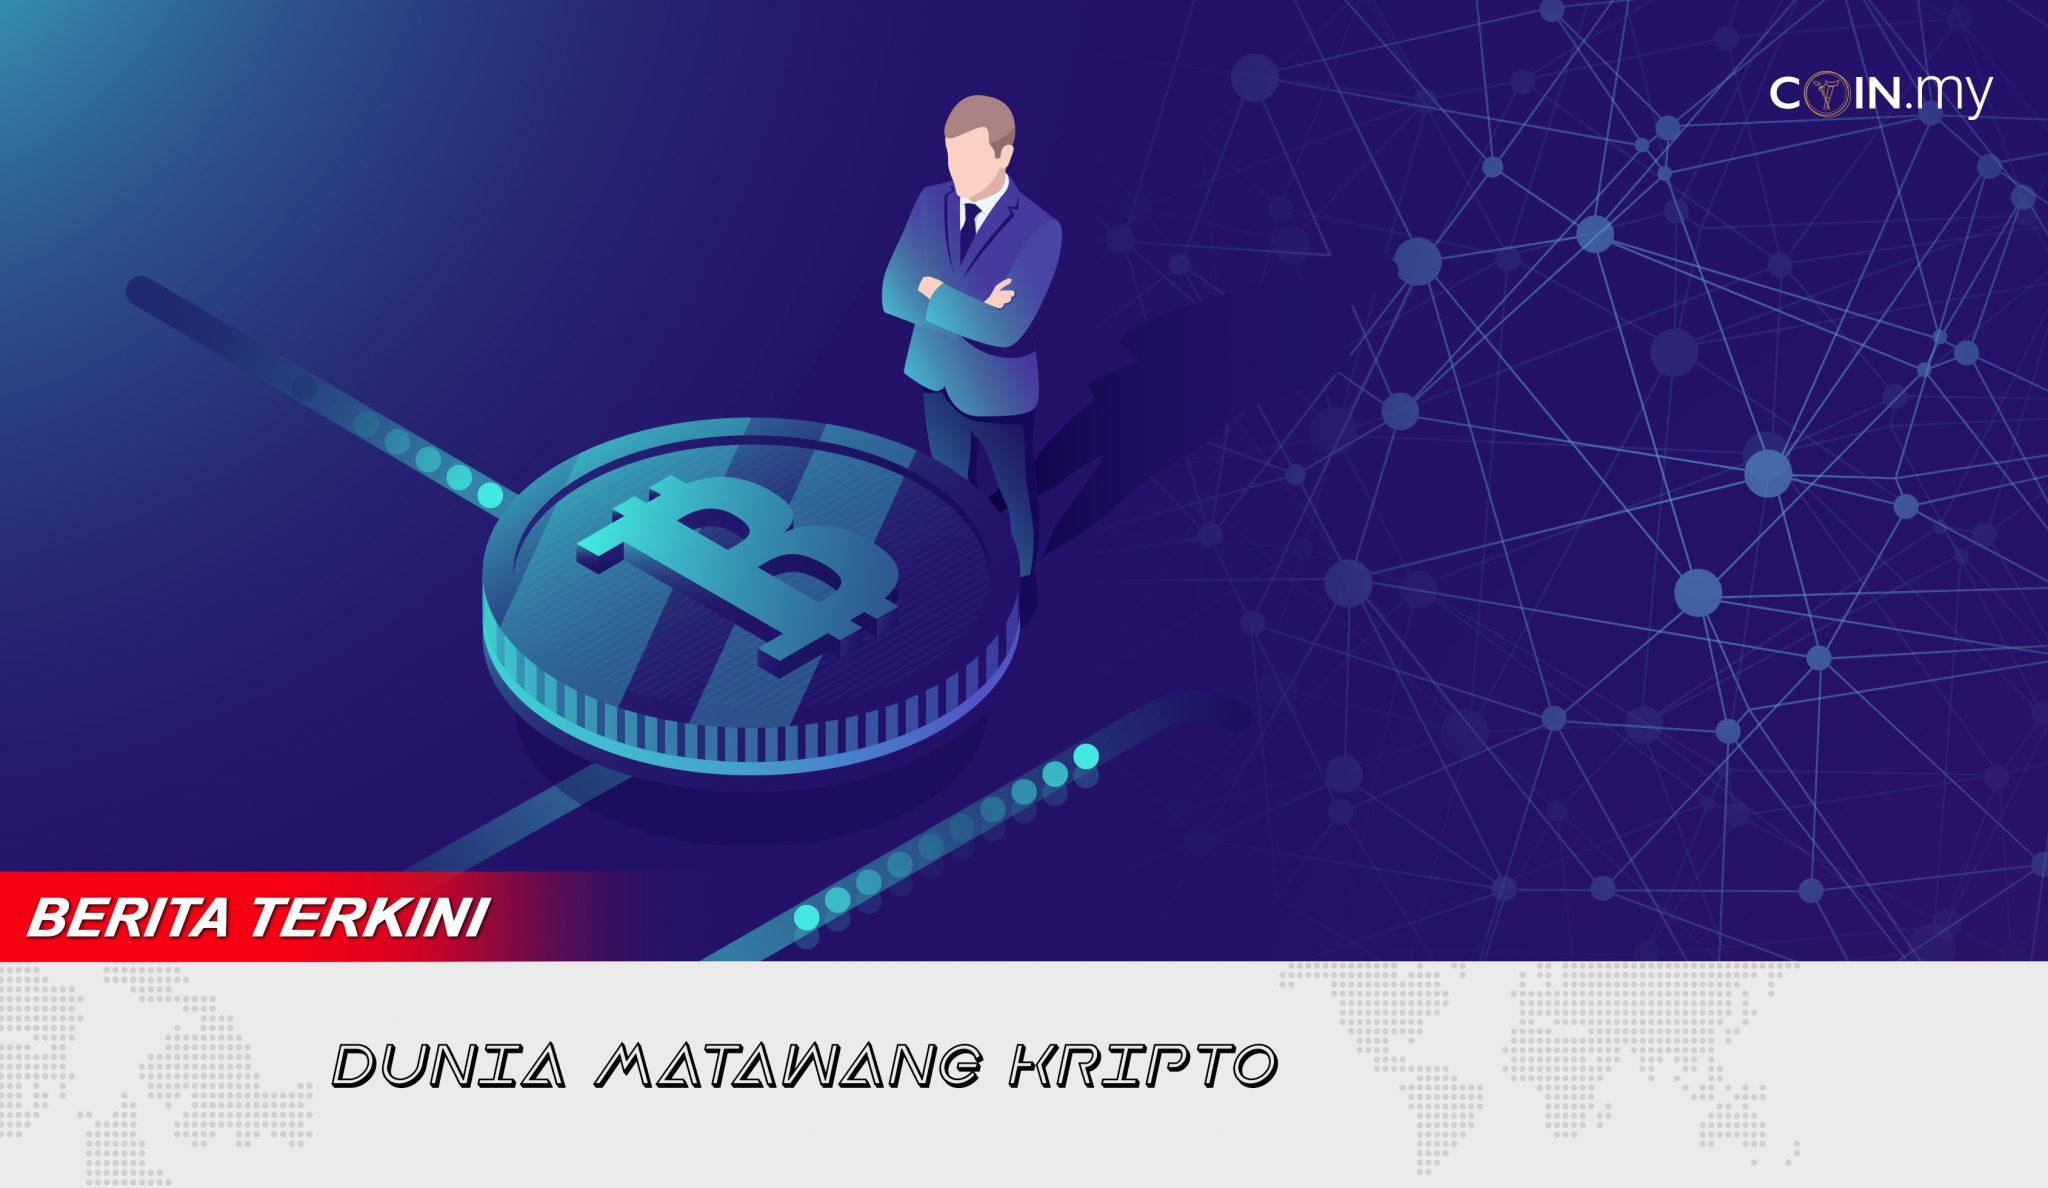 CEO Bitmex: Kripto Bakal Menjadi Kelas Aset Baru Dalam Dekad